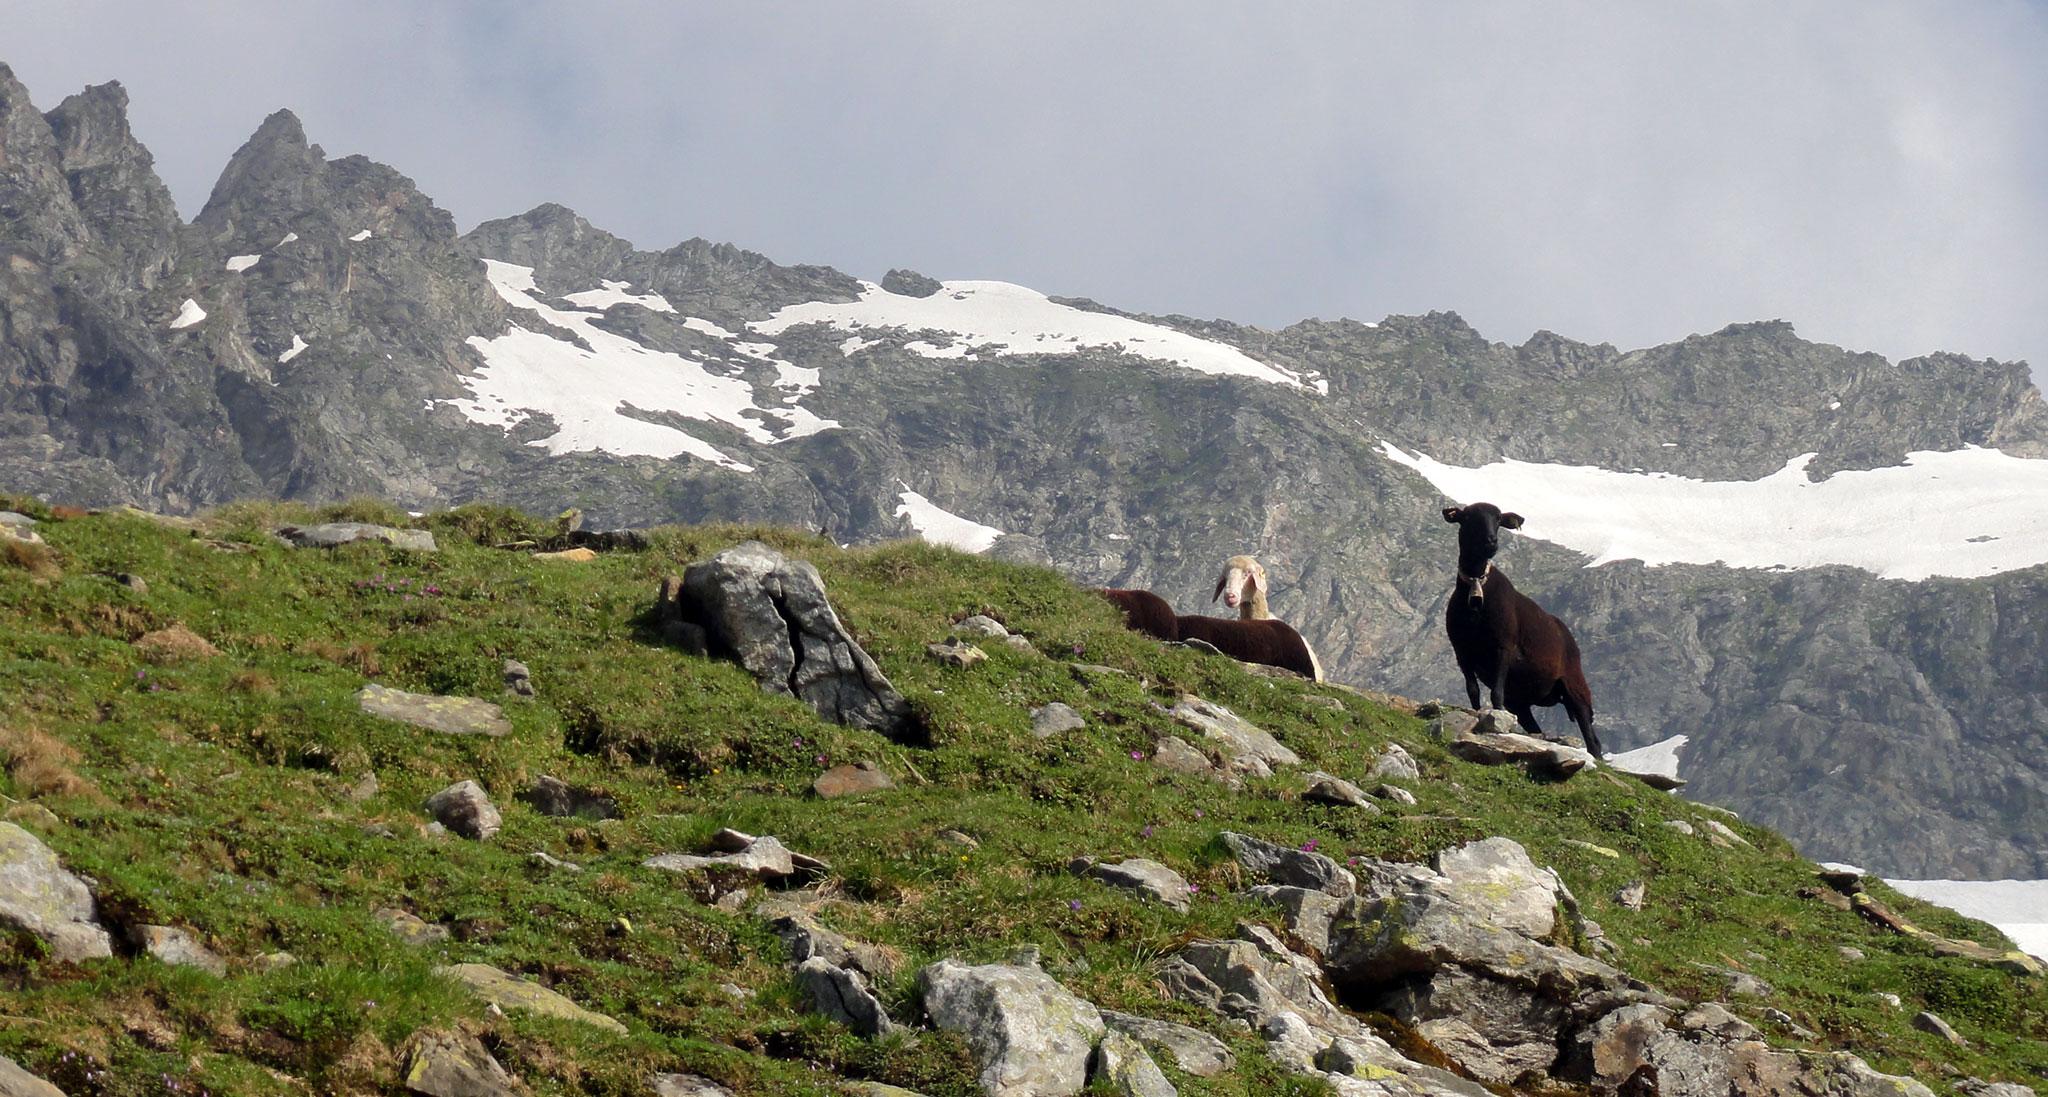 Arnoweg: Unzählige Schafe als ständige Begleiter entlang des St. Pöltner Westweg